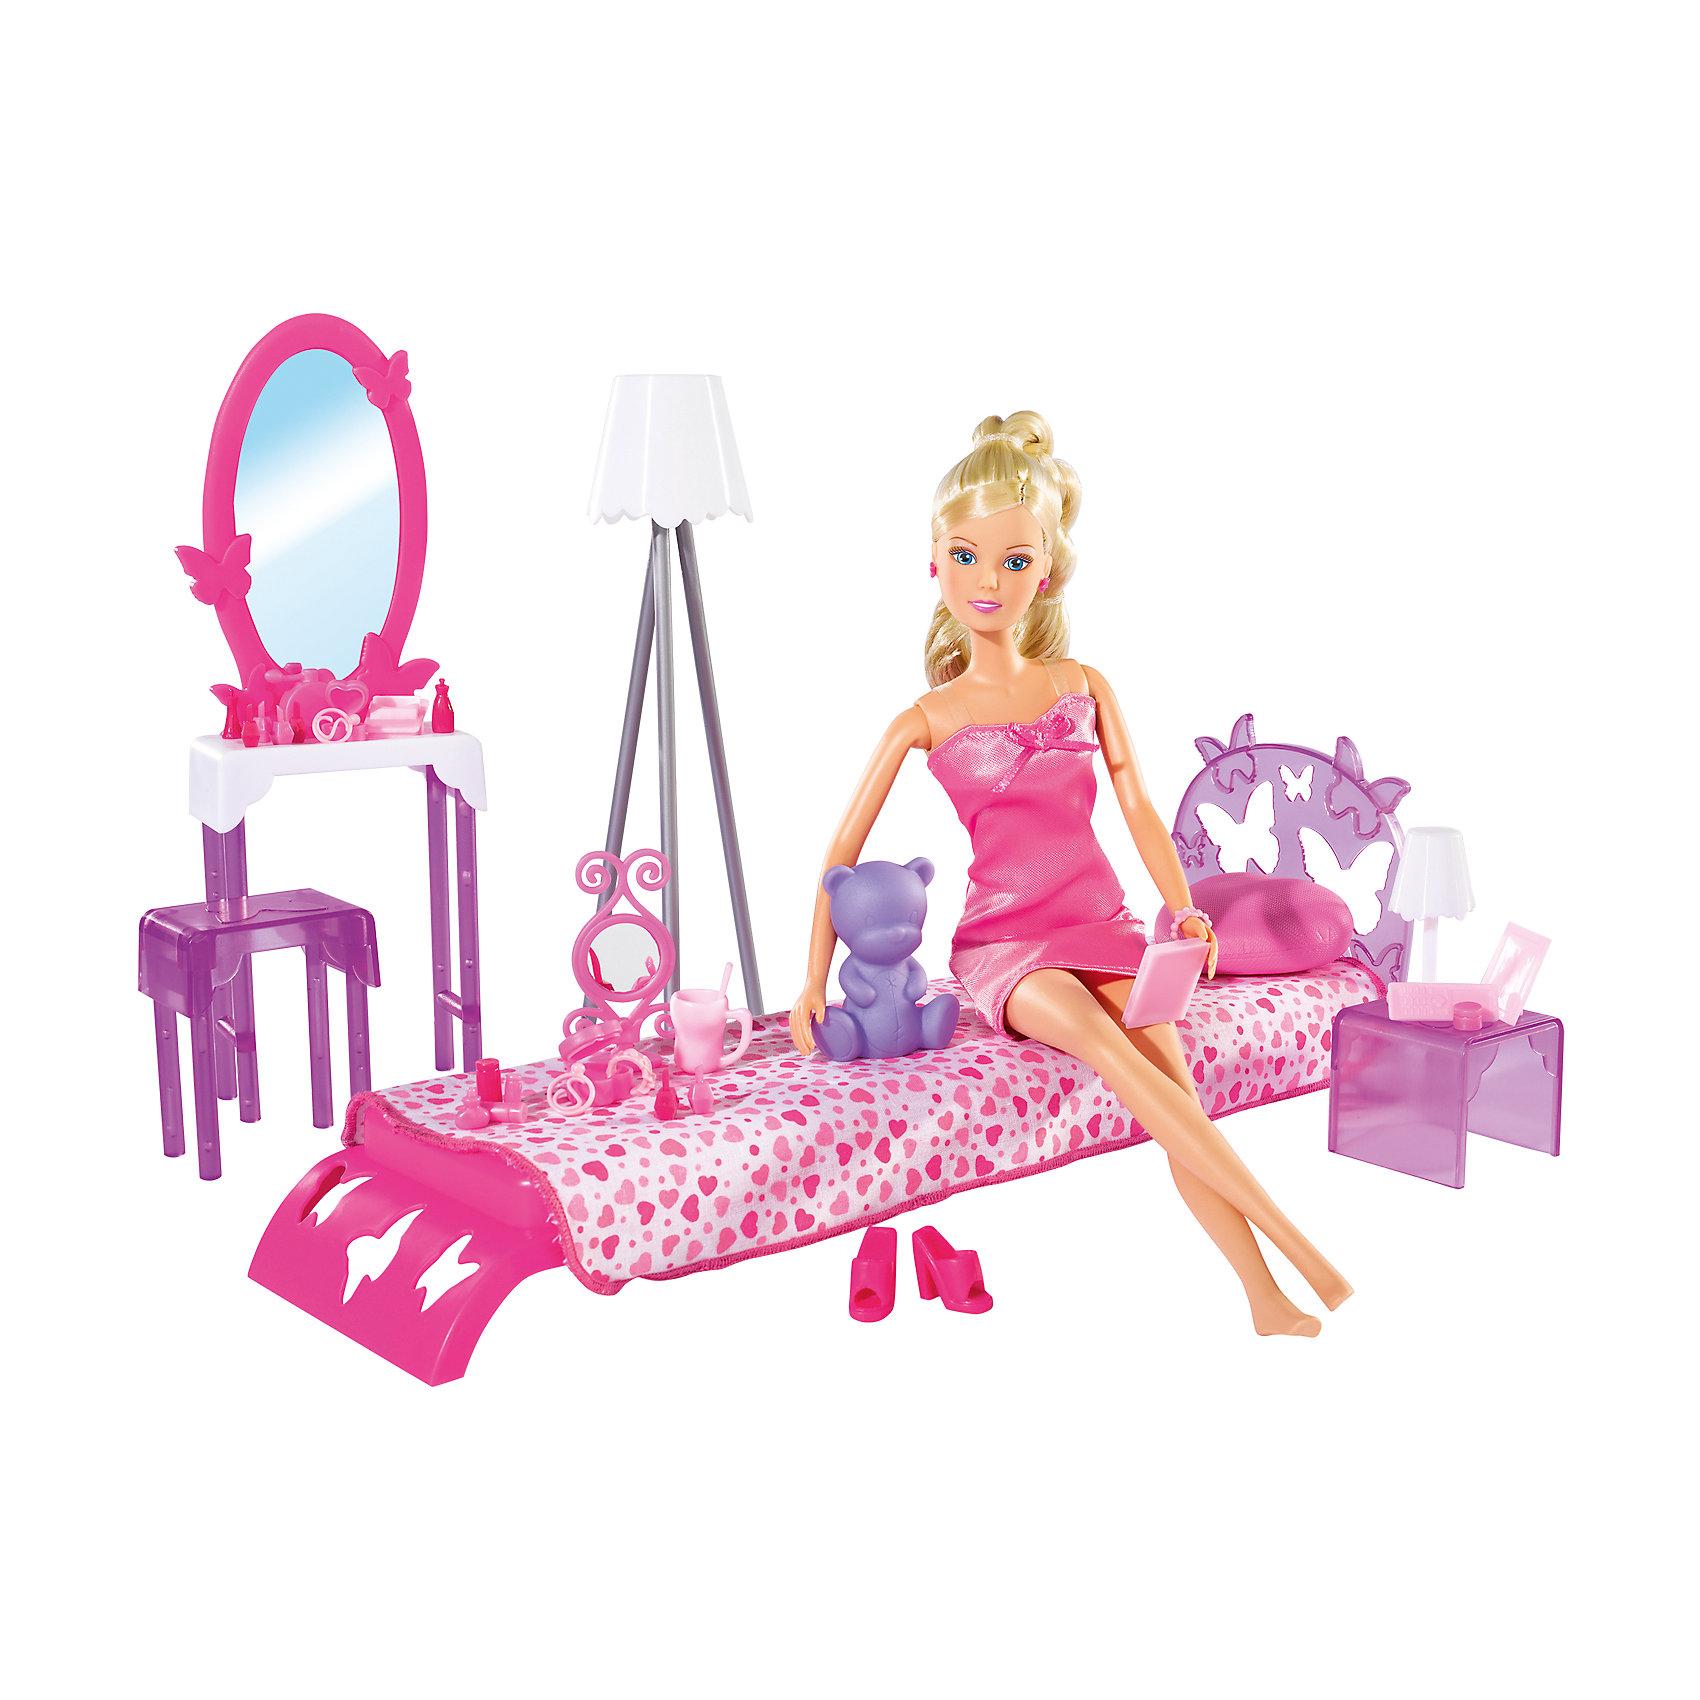 Кукла Штеффи в спальной комнате с аксессуарами, 29 см, SimbaХарактеристики товара:<br><br>- цвет: разноцветный;<br>- материал: пластик;<br>- возраст: от трех лет;<br>- комплектация: кукла, аксессуары, декорации;<br>- высота куклы: 29 см.<br><br>Эта симпатичная кукла Штеффи от известного бренда не оставит девочку равнодушной! Какая девочка сможет отказаться поиграть с куклами, которые дополнены набором в виде целой комнаты и предметами из неё?! В набор входят аксессуары и предметы мебели для игр с куклой. Игрушка очень качественно выполнена, поэтому она станет замечательным подарком ребенку. <br>Продается набор в красивой удобной упаковке. Изделие произведено из высококачественного материала, безопасного для детей.<br><br>Куклу Штеффи спальной комнате с аксессуарами, 29 см, от бренда Simba можно купить в нашем интернет-магазине.<br><br>Ширина мм: 100<br>Глубина мм: 400<br>Высота мм: 330<br>Вес г: 910<br>Возраст от месяцев: 36<br>Возраст до месяцев: 120<br>Пол: Женский<br>Возраст: Детский<br>SKU: 5119511